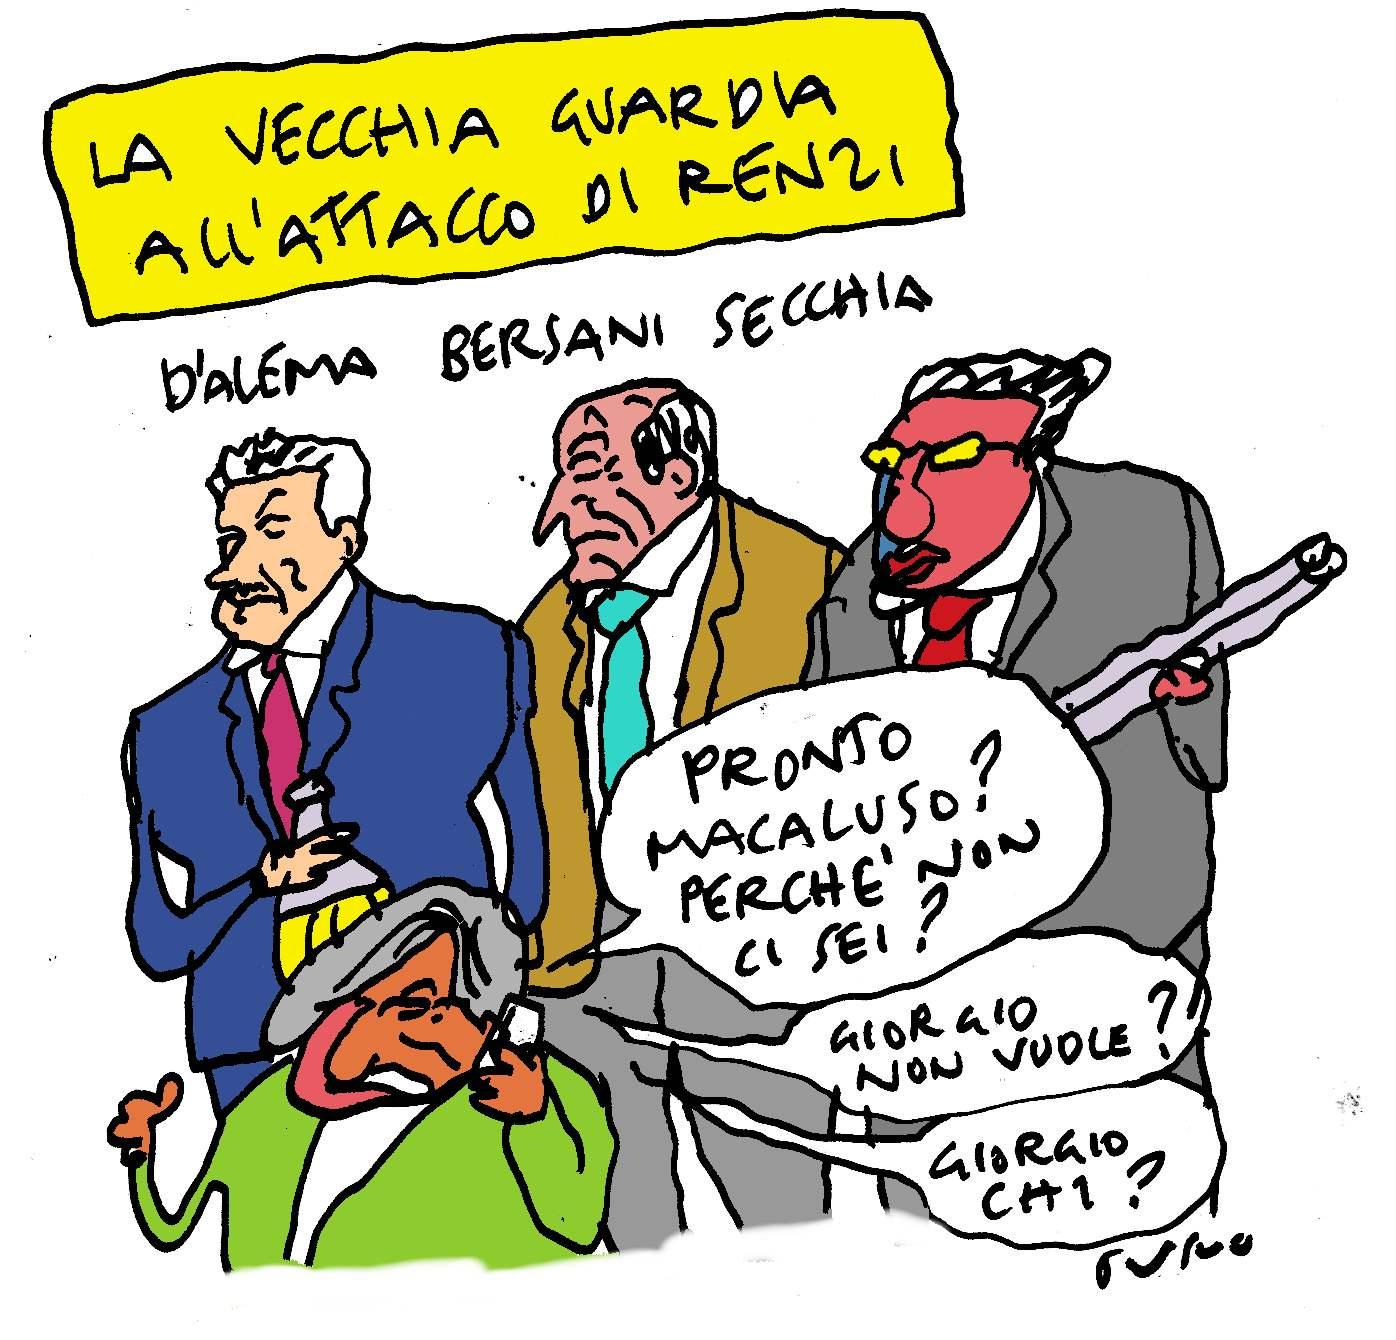 secchia macalusoK